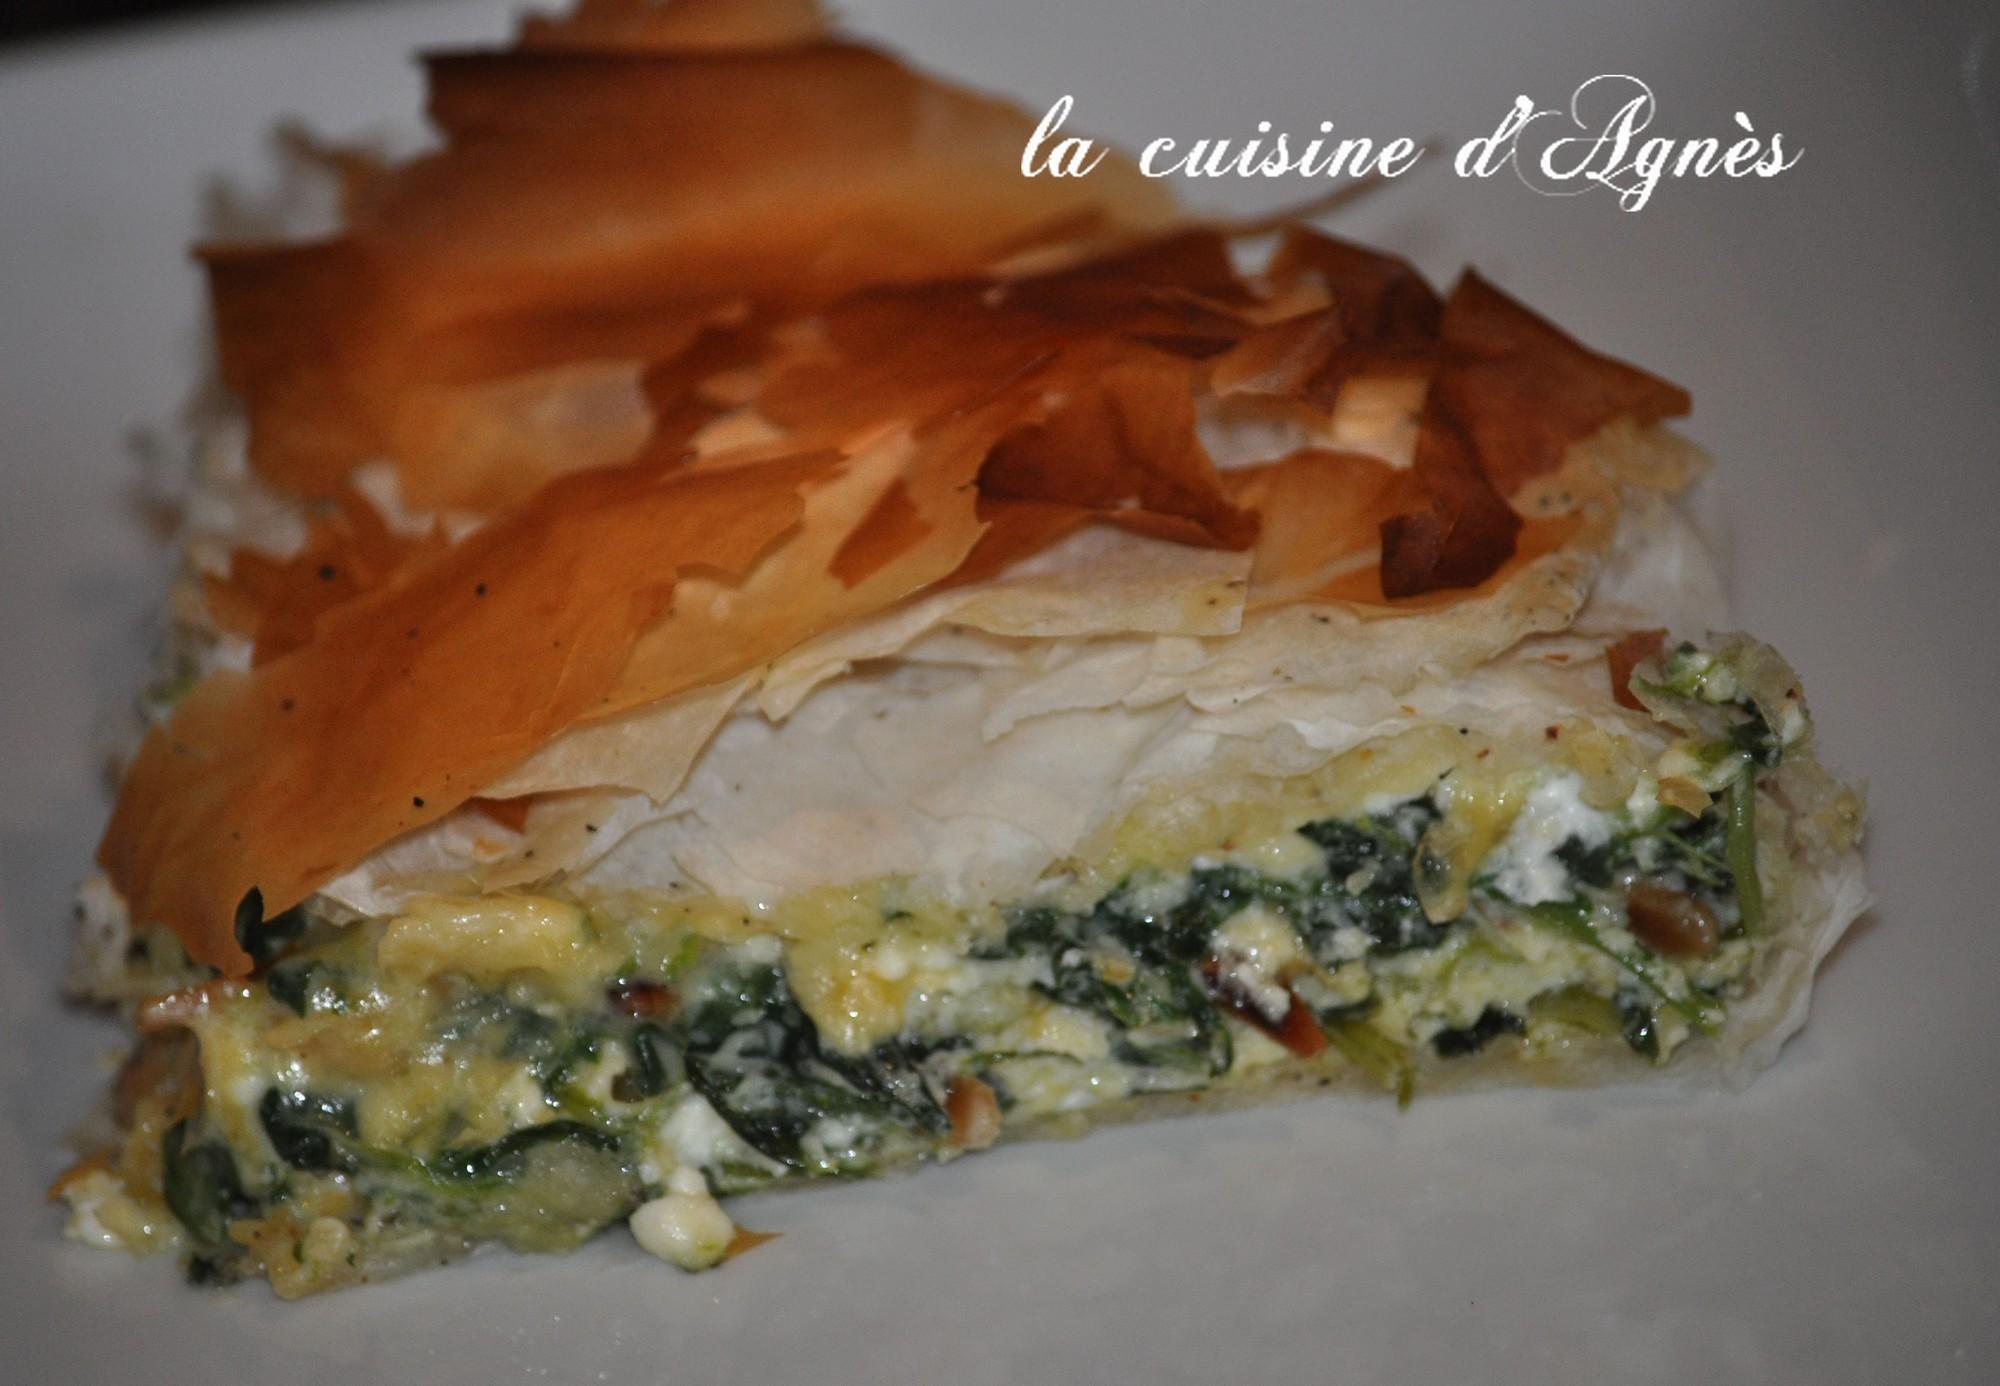 Recettes jamie oliver 30 minutes chrono - Recette de jamie oliver sur cuisine tv ...